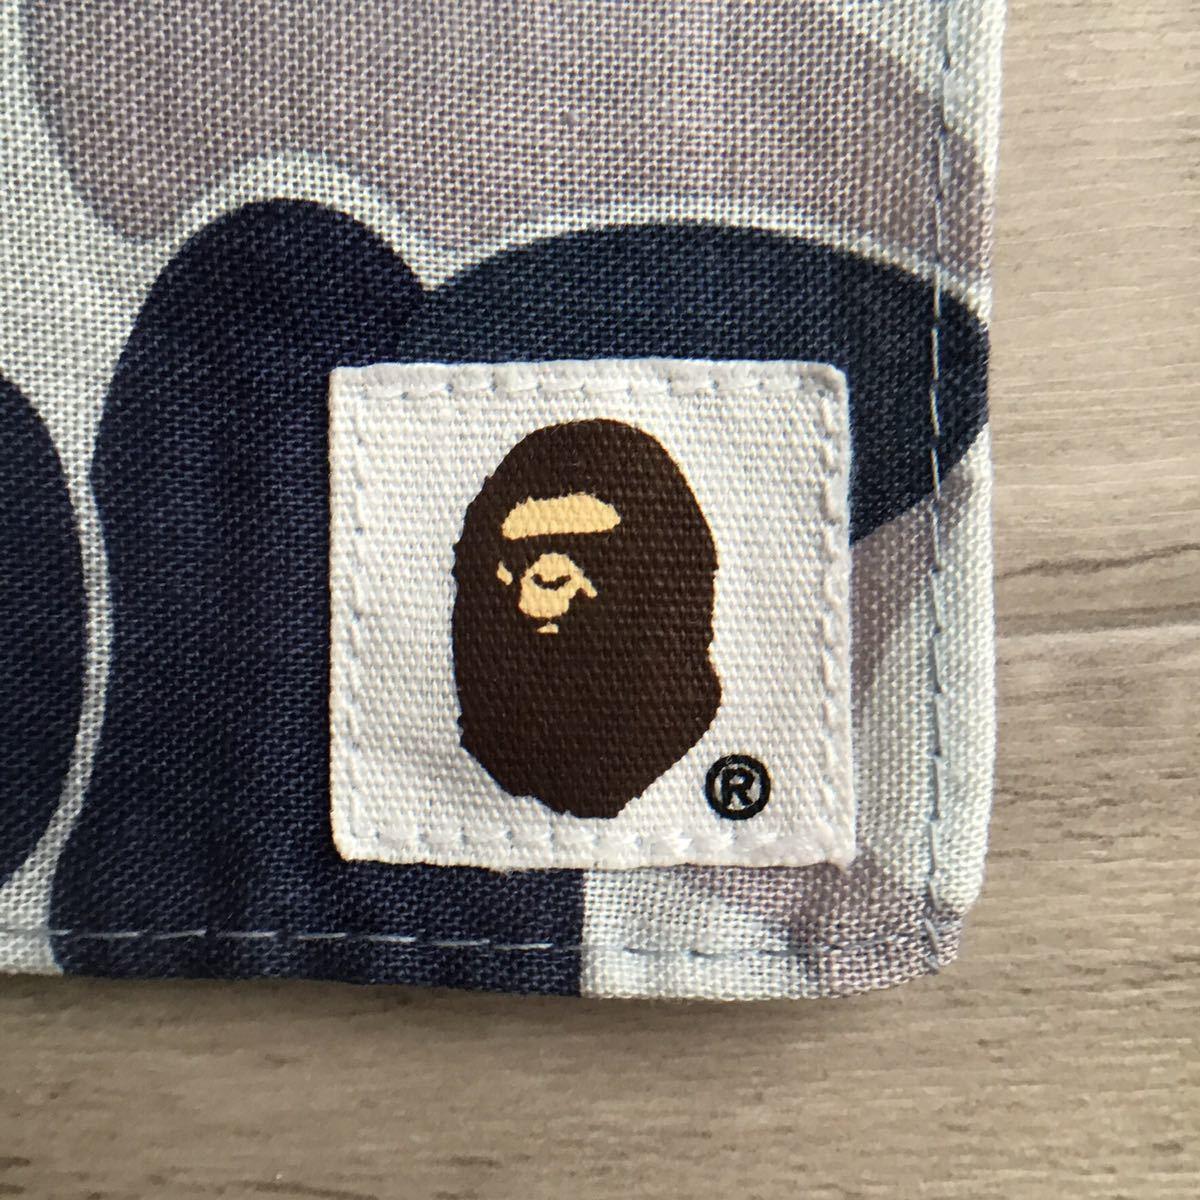 ★初期★ BAPE camo バンダナ a bathing ape エイプ ベイプ アベイシングエイプ bandana 迷彩 nigo 2000年 blue purple ハンカチ